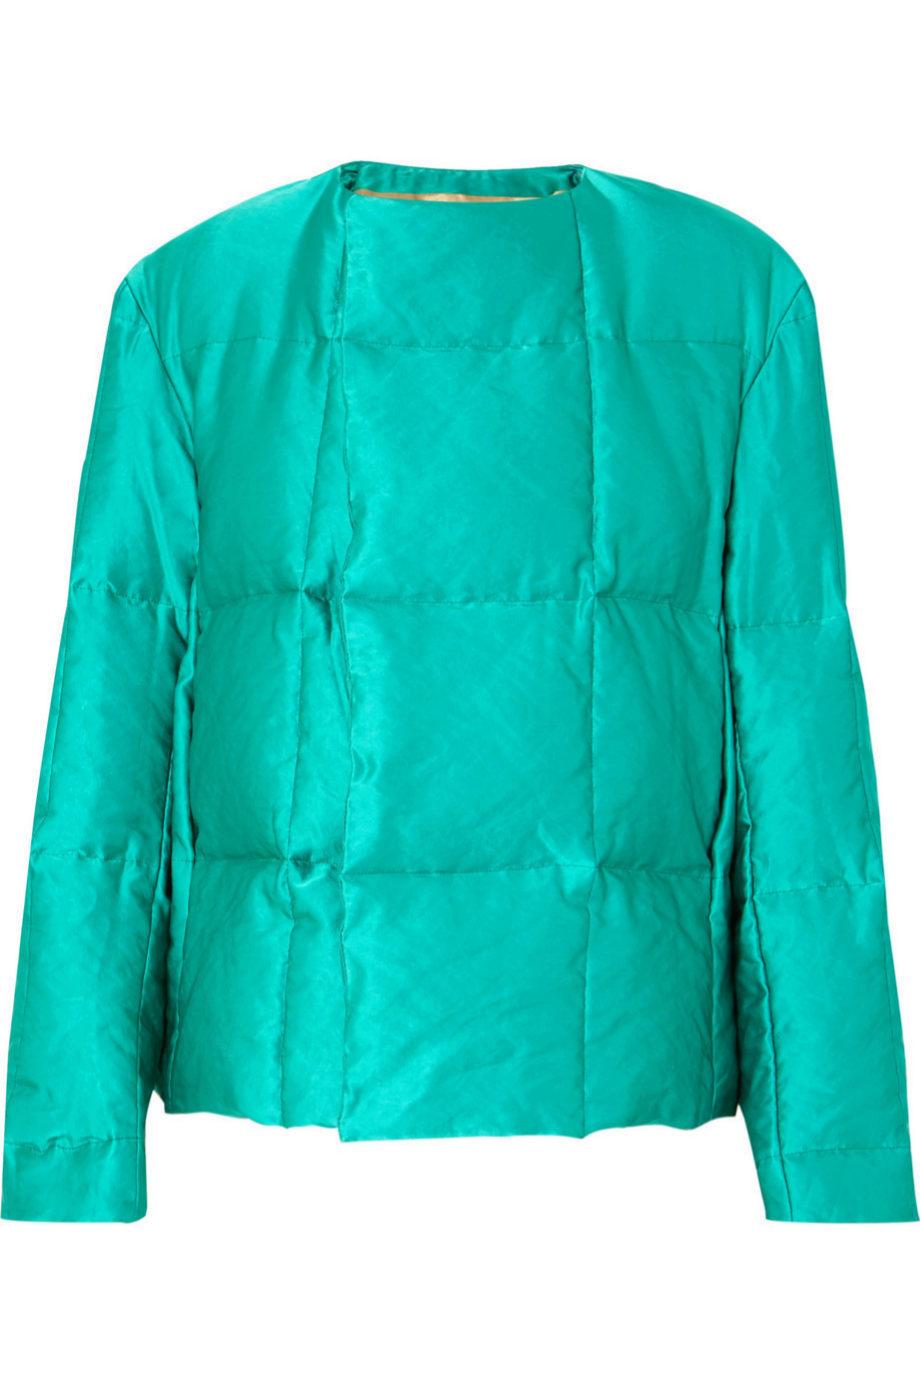 Cazadora acolchada en verde turquesa de Dries Van Noten para Net a...